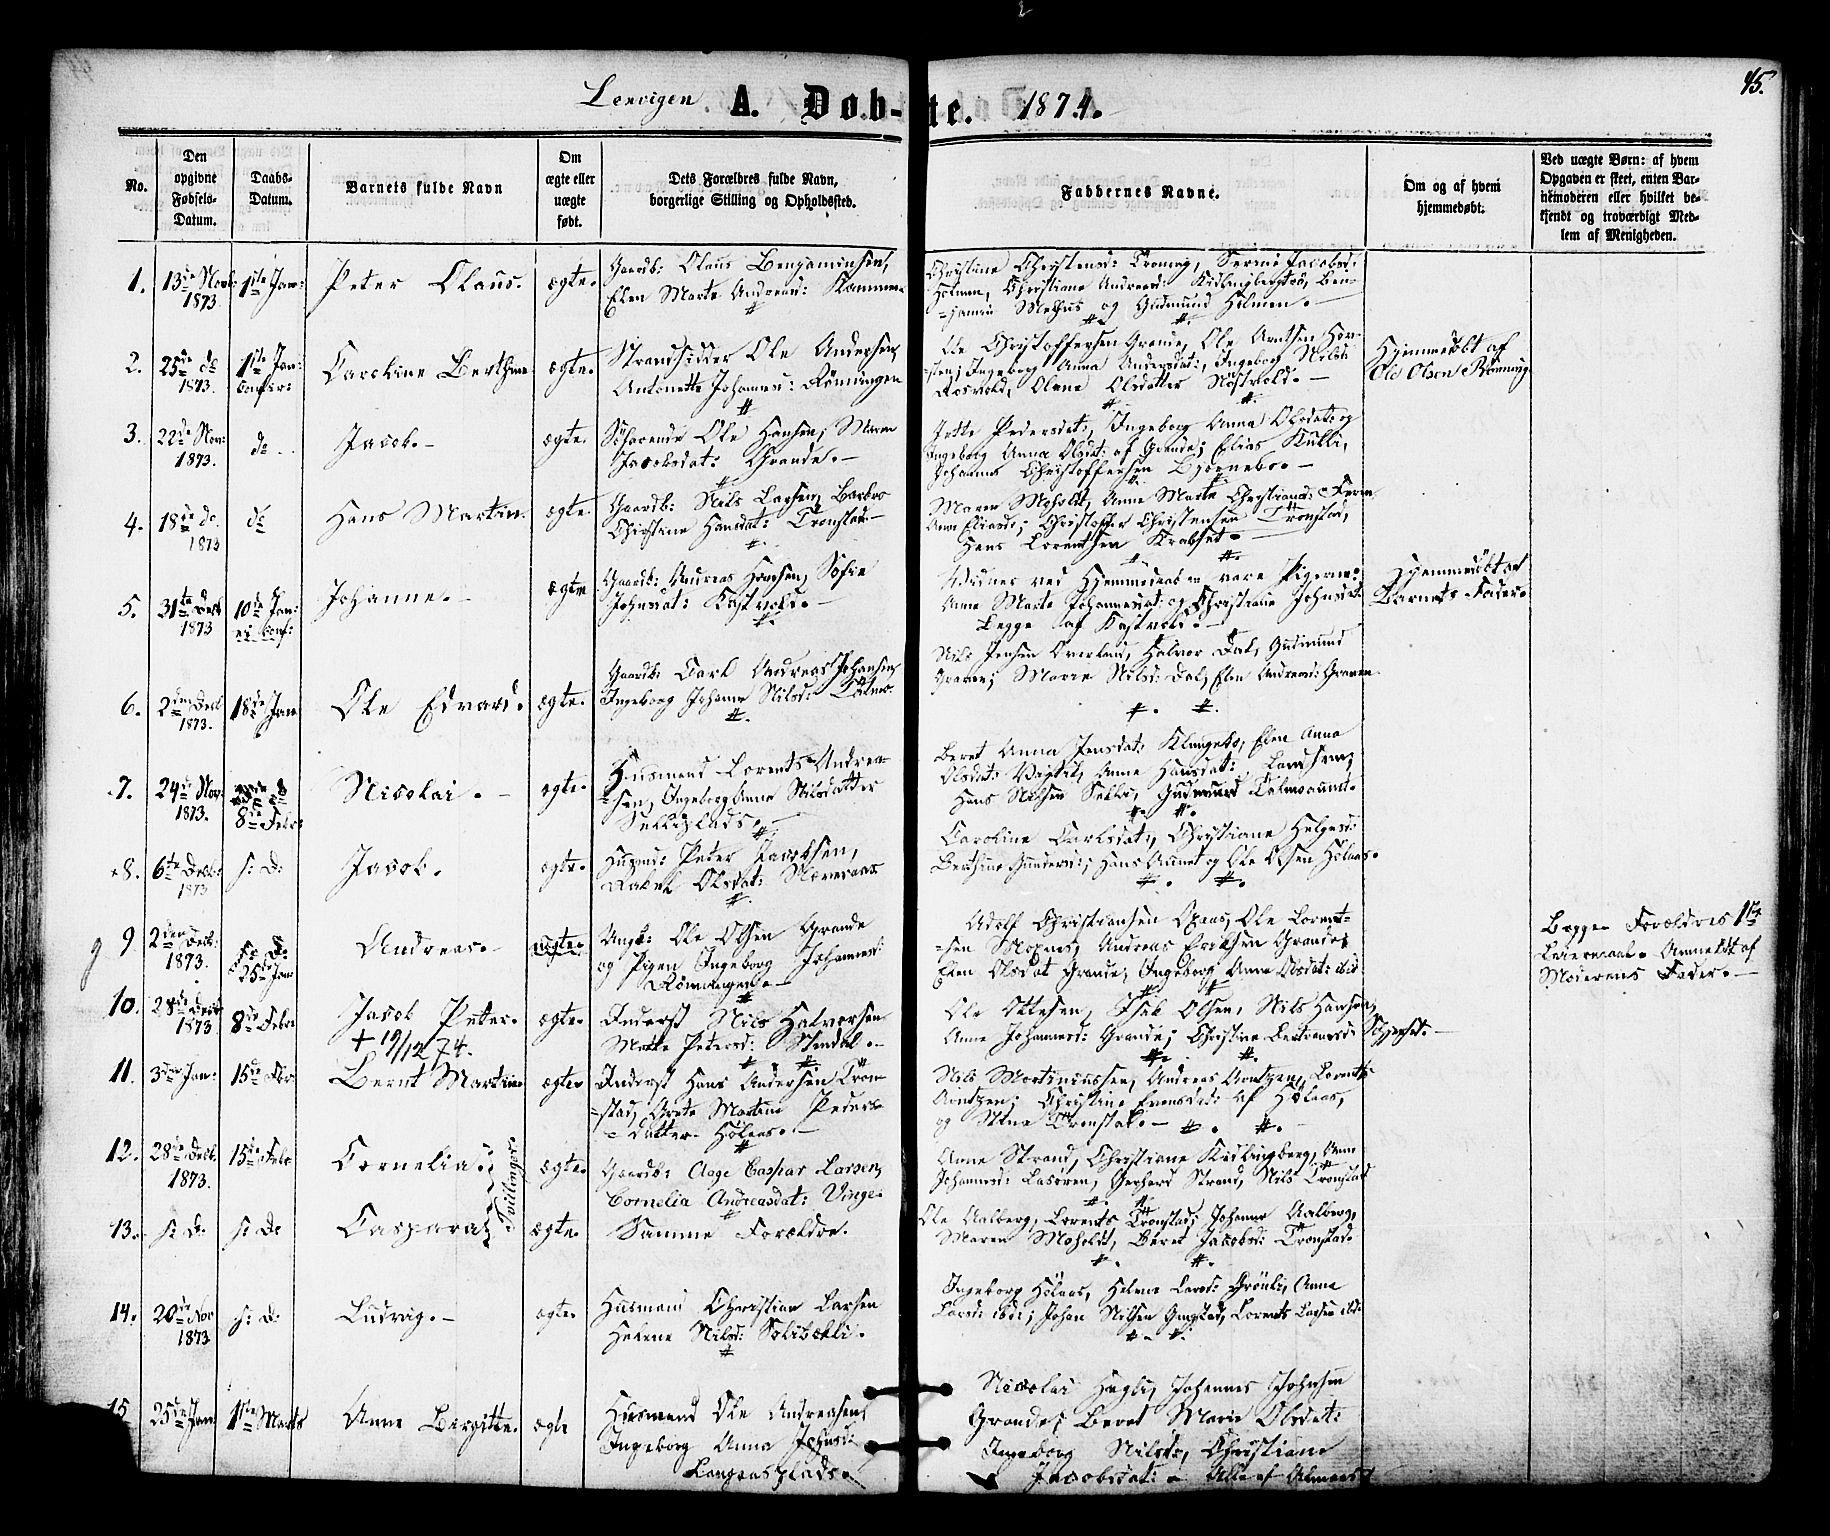 SAT, Ministerialprotokoller, klokkerbøker og fødselsregistre - Nord-Trøndelag, 701/L0009: Ministerialbok nr. 701A09 /1, 1864-1882, s. 45